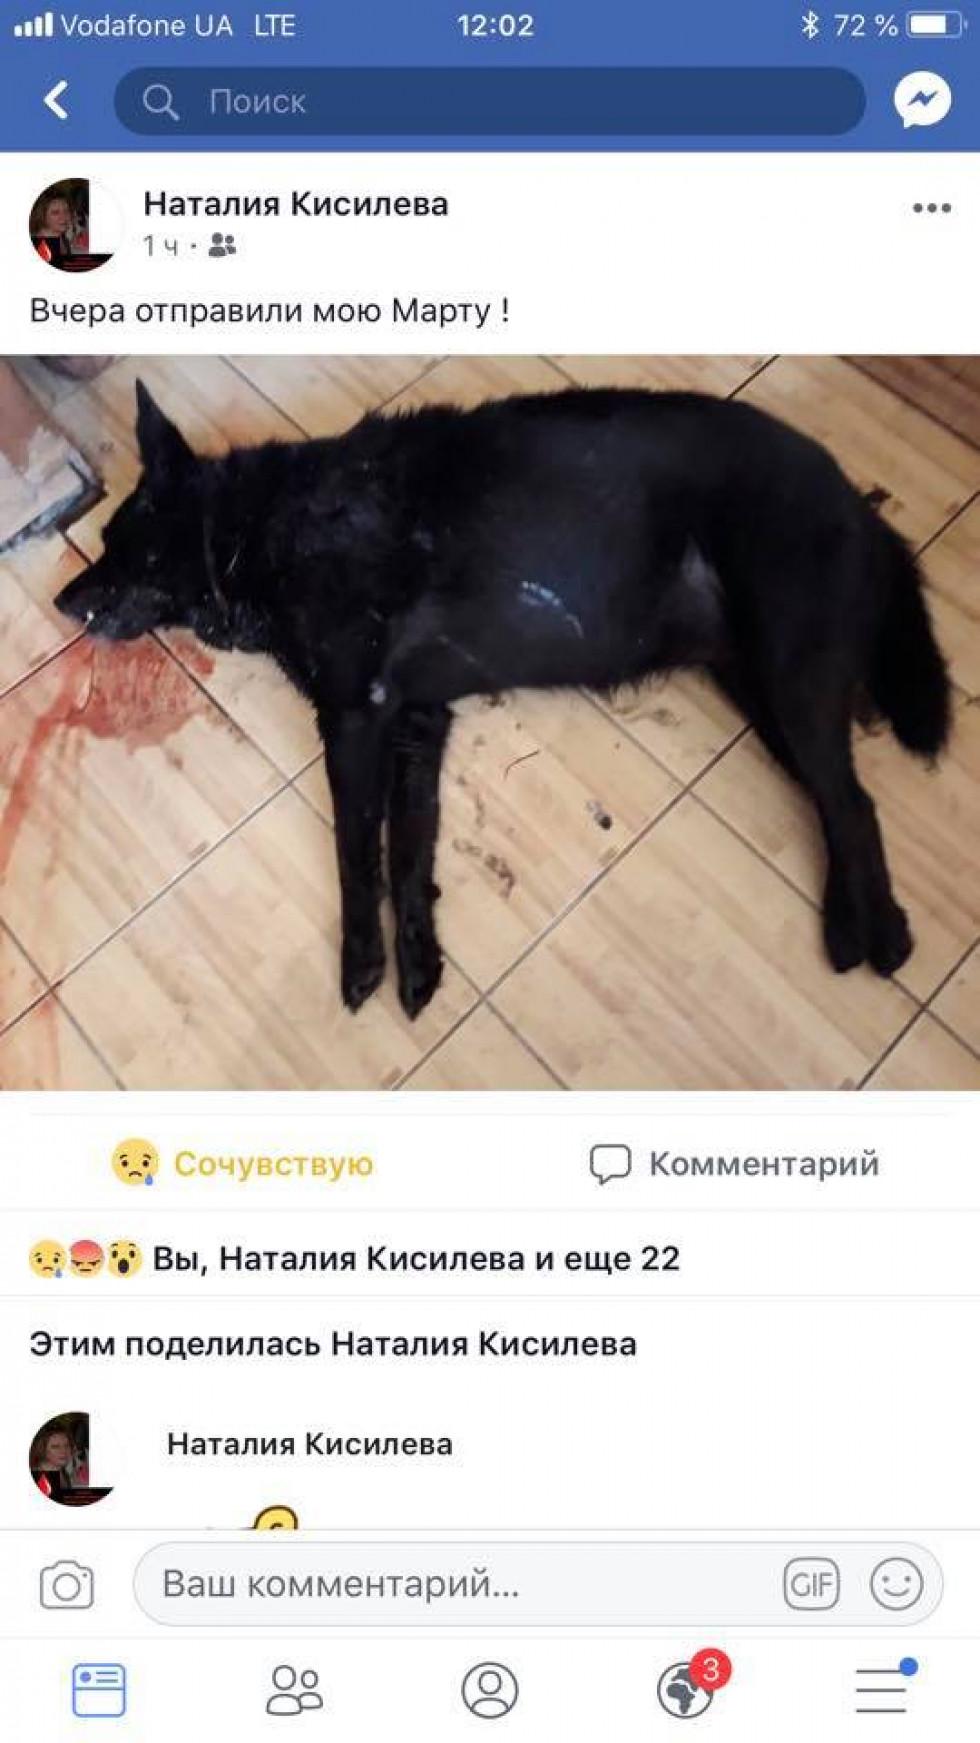 Допис про отруєну собаку Марту